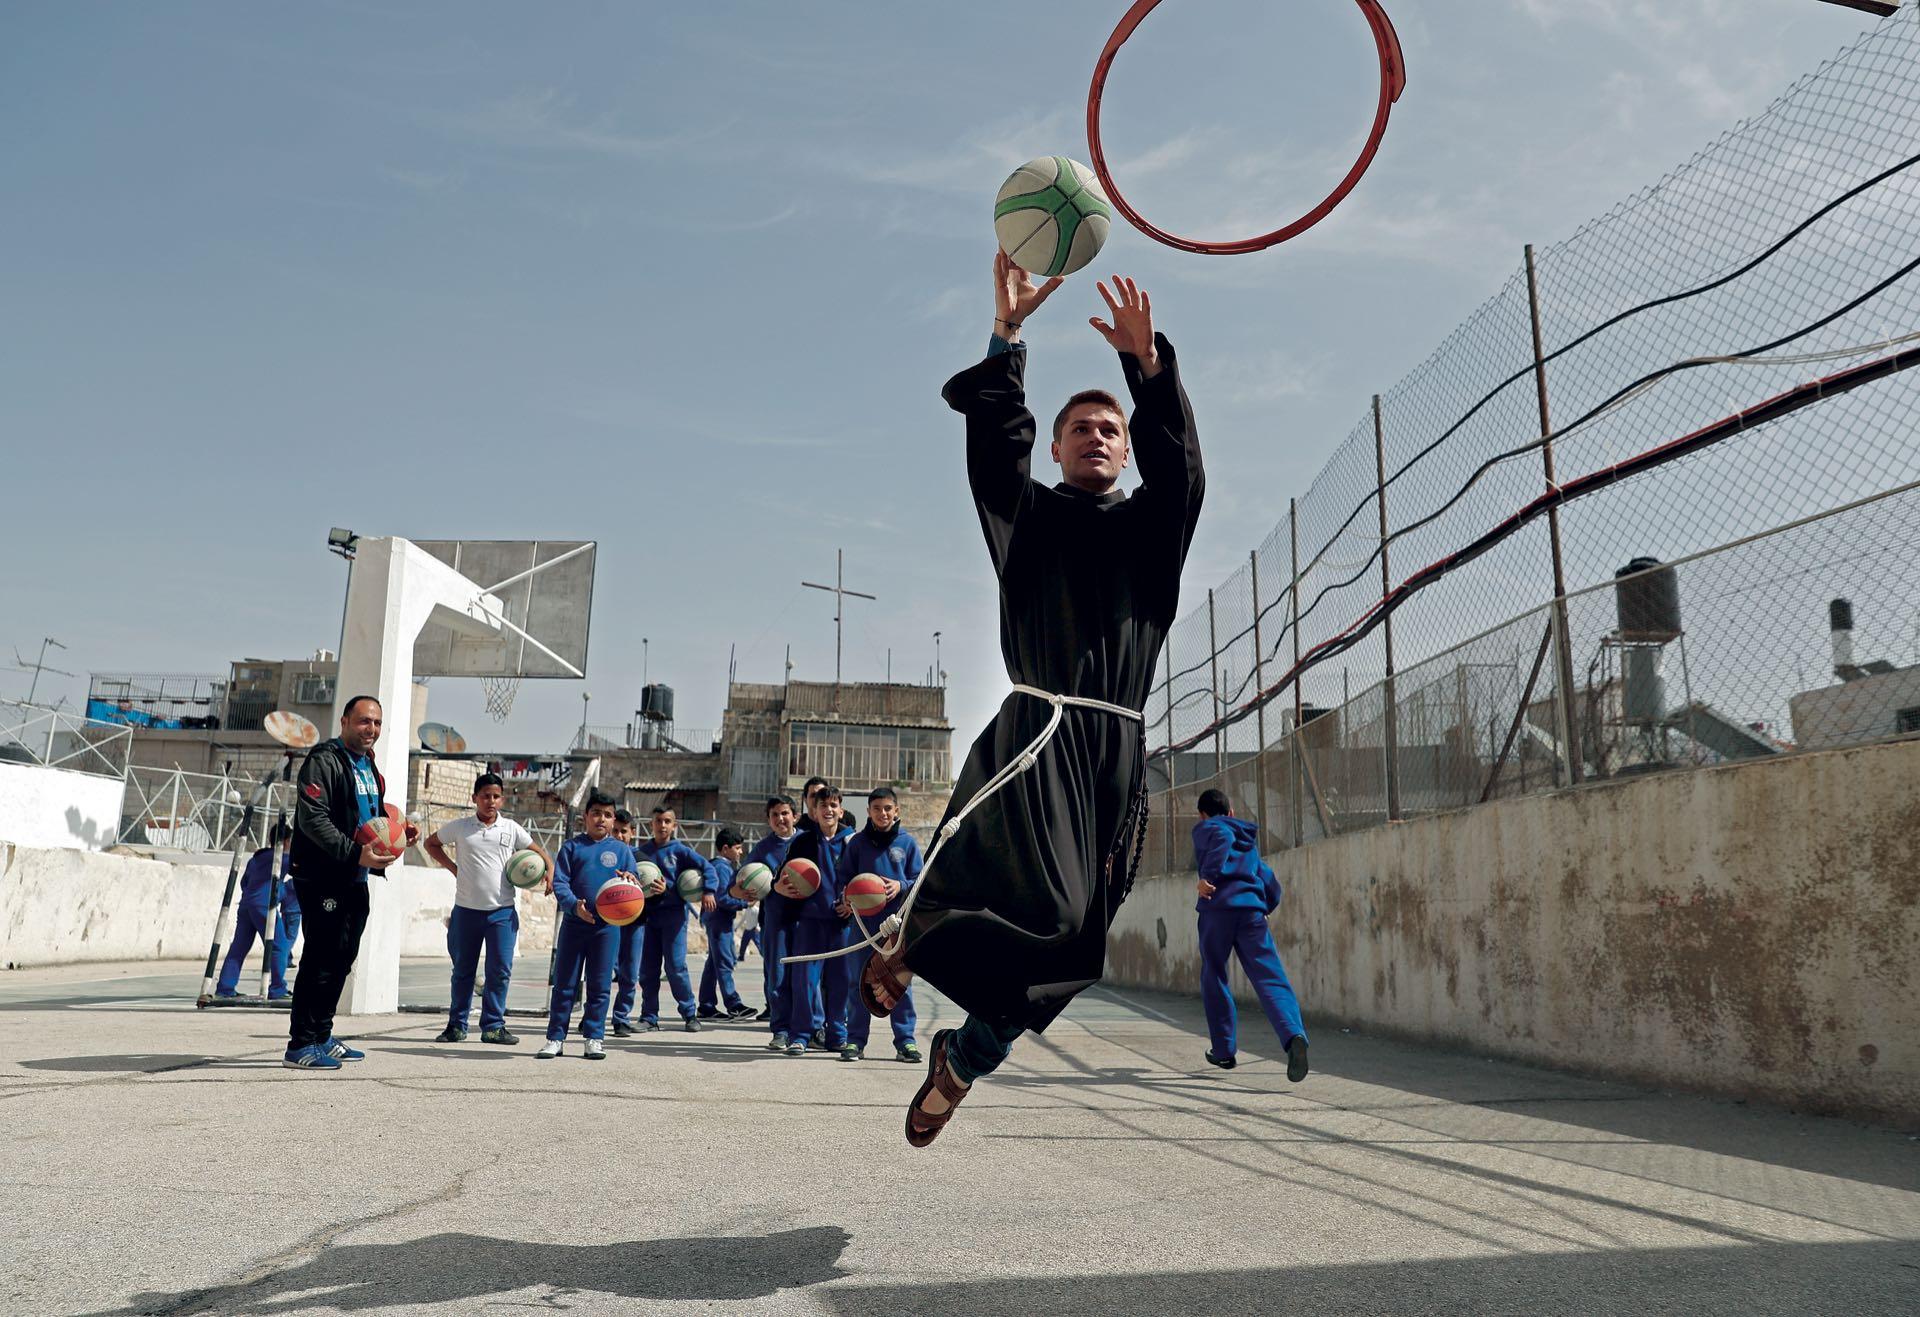 Marzo. Los curas franciscanos llegaron a Jerusalén hace ocho siglos enviados por el mismísimo San Francisco de Asís (de quien el actual Papa tomó su nombre). Instalados en el convento de San Salvador, en la Ciudad Vieja, dirigen escuelas que reúnen a más de diez mil alumnos (la mitad de ellos, musulmanes). Aquí practican básquetbol con un grupo de chicos palestinos.